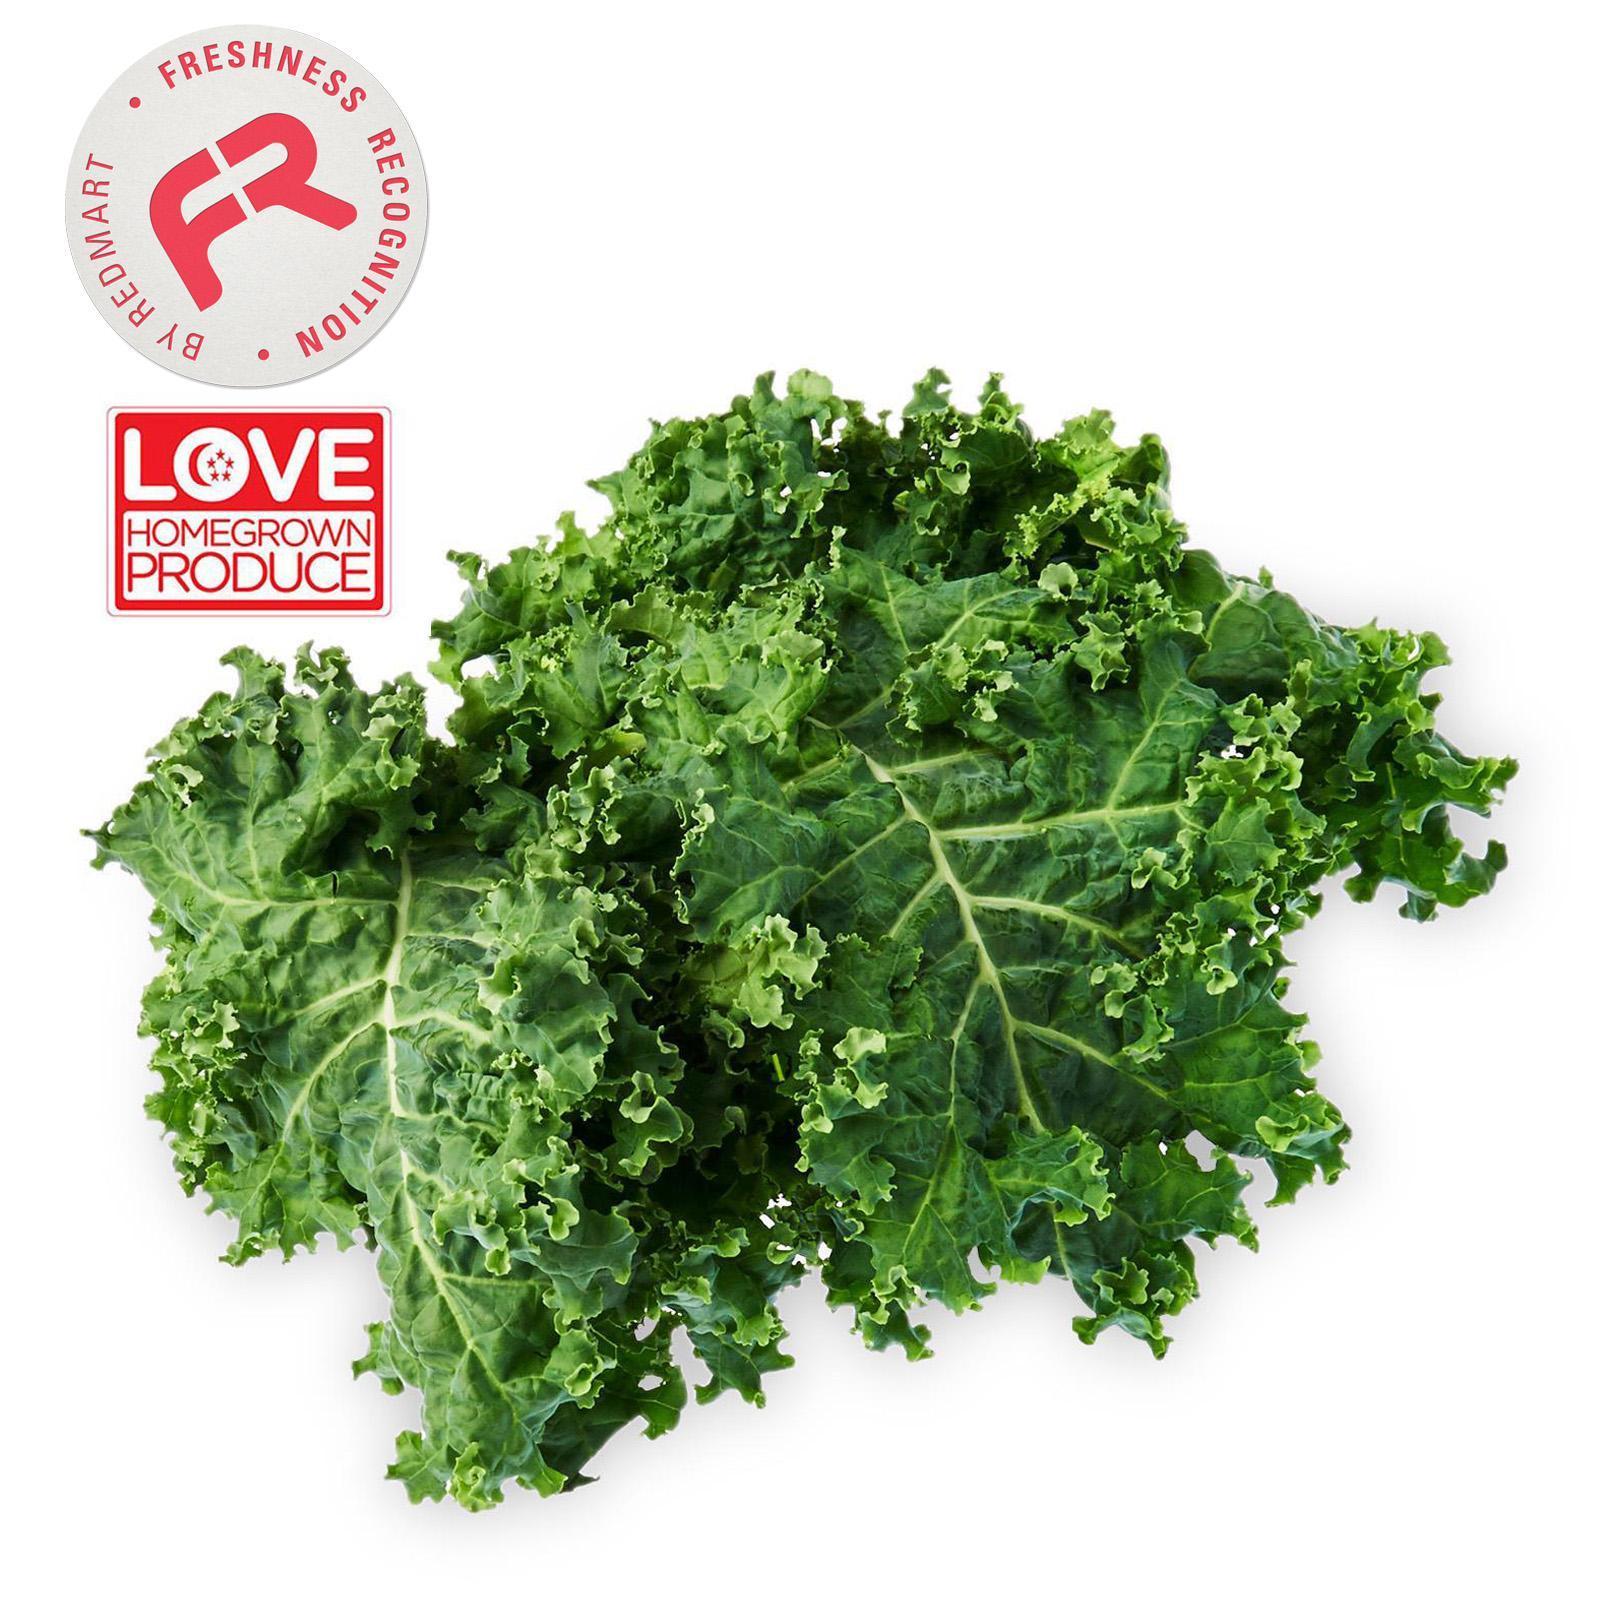 Sustenir Fresh Kinky Green Curly Kale By Redmart.